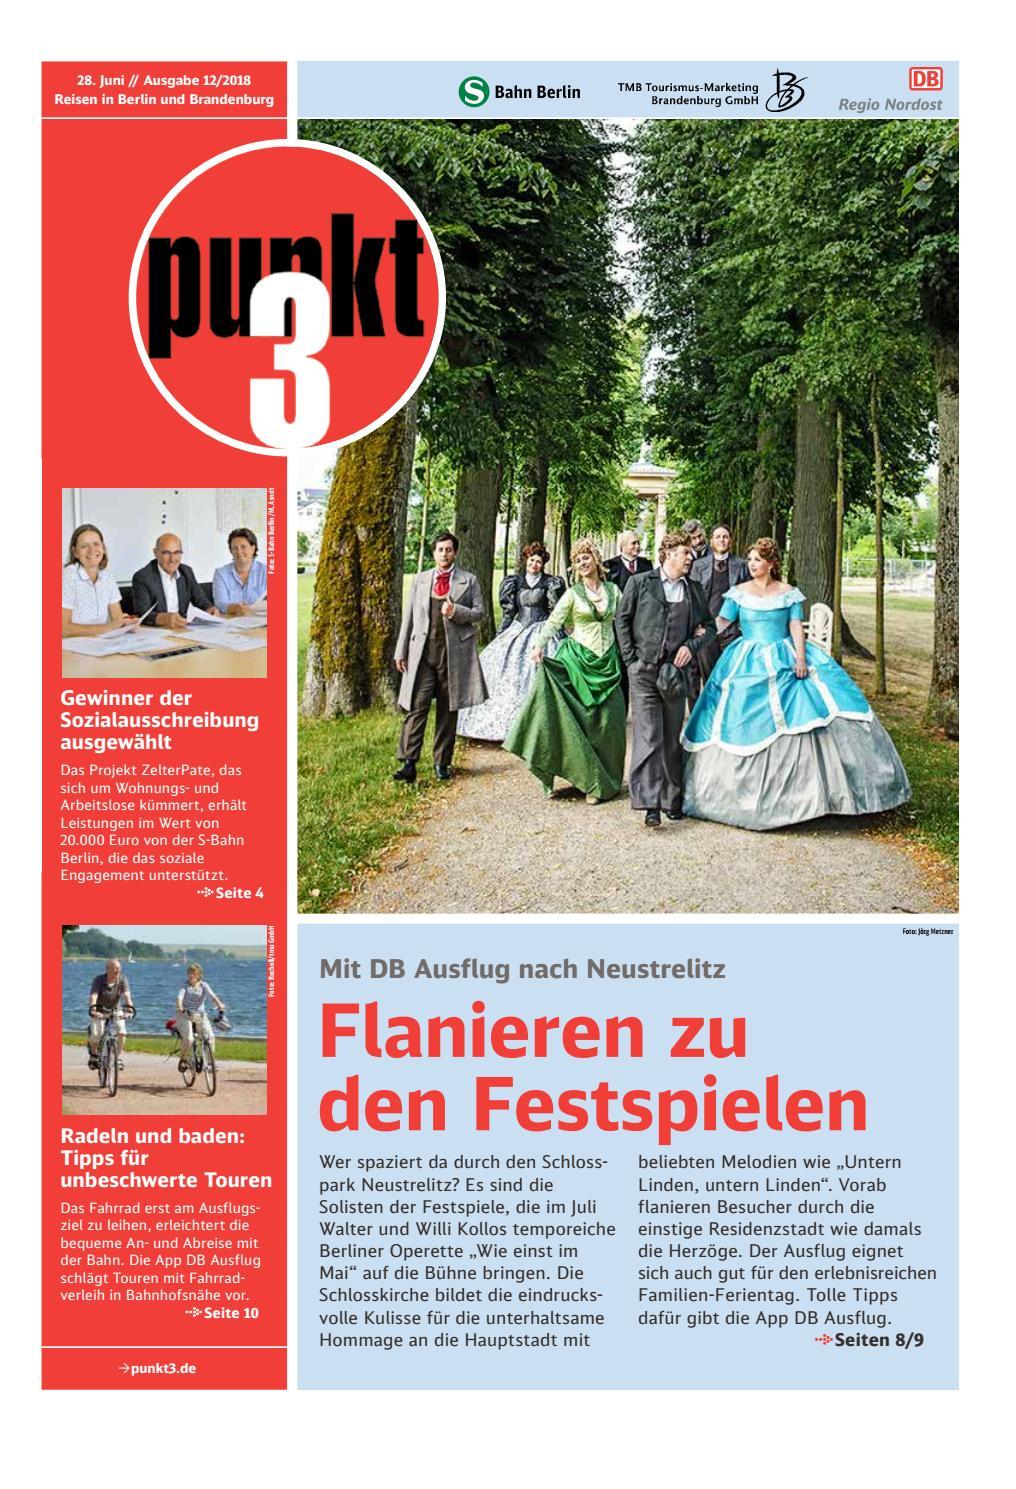 Punkt3 Ausgabe 12/2018 vom 28.06.2018 by S-Bahn Berlin GmbH - issuu